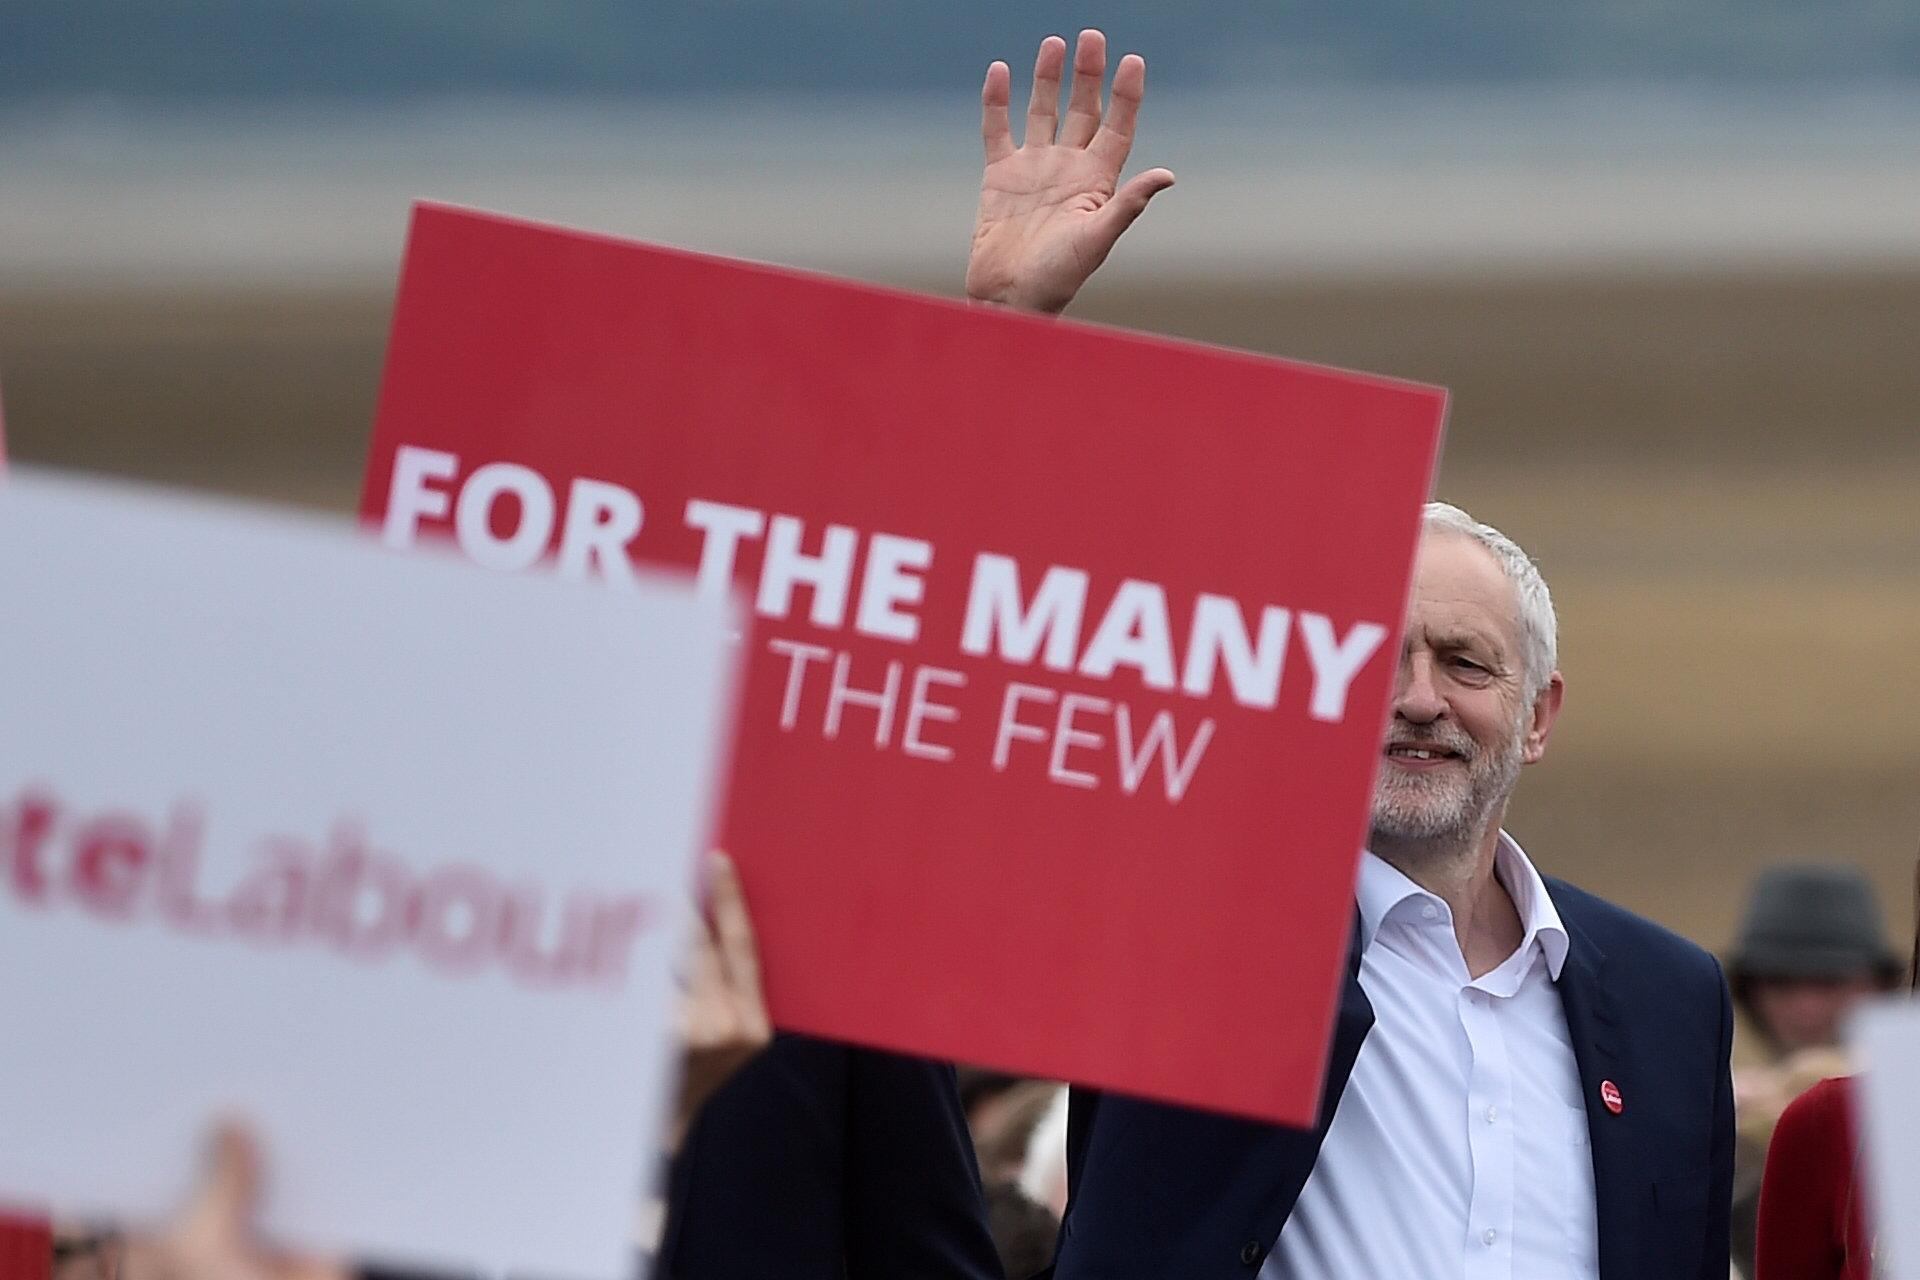 PÚBLICO - Corbyn sobe nas sondagens e cria polémica com discurso sobre o terrorismo